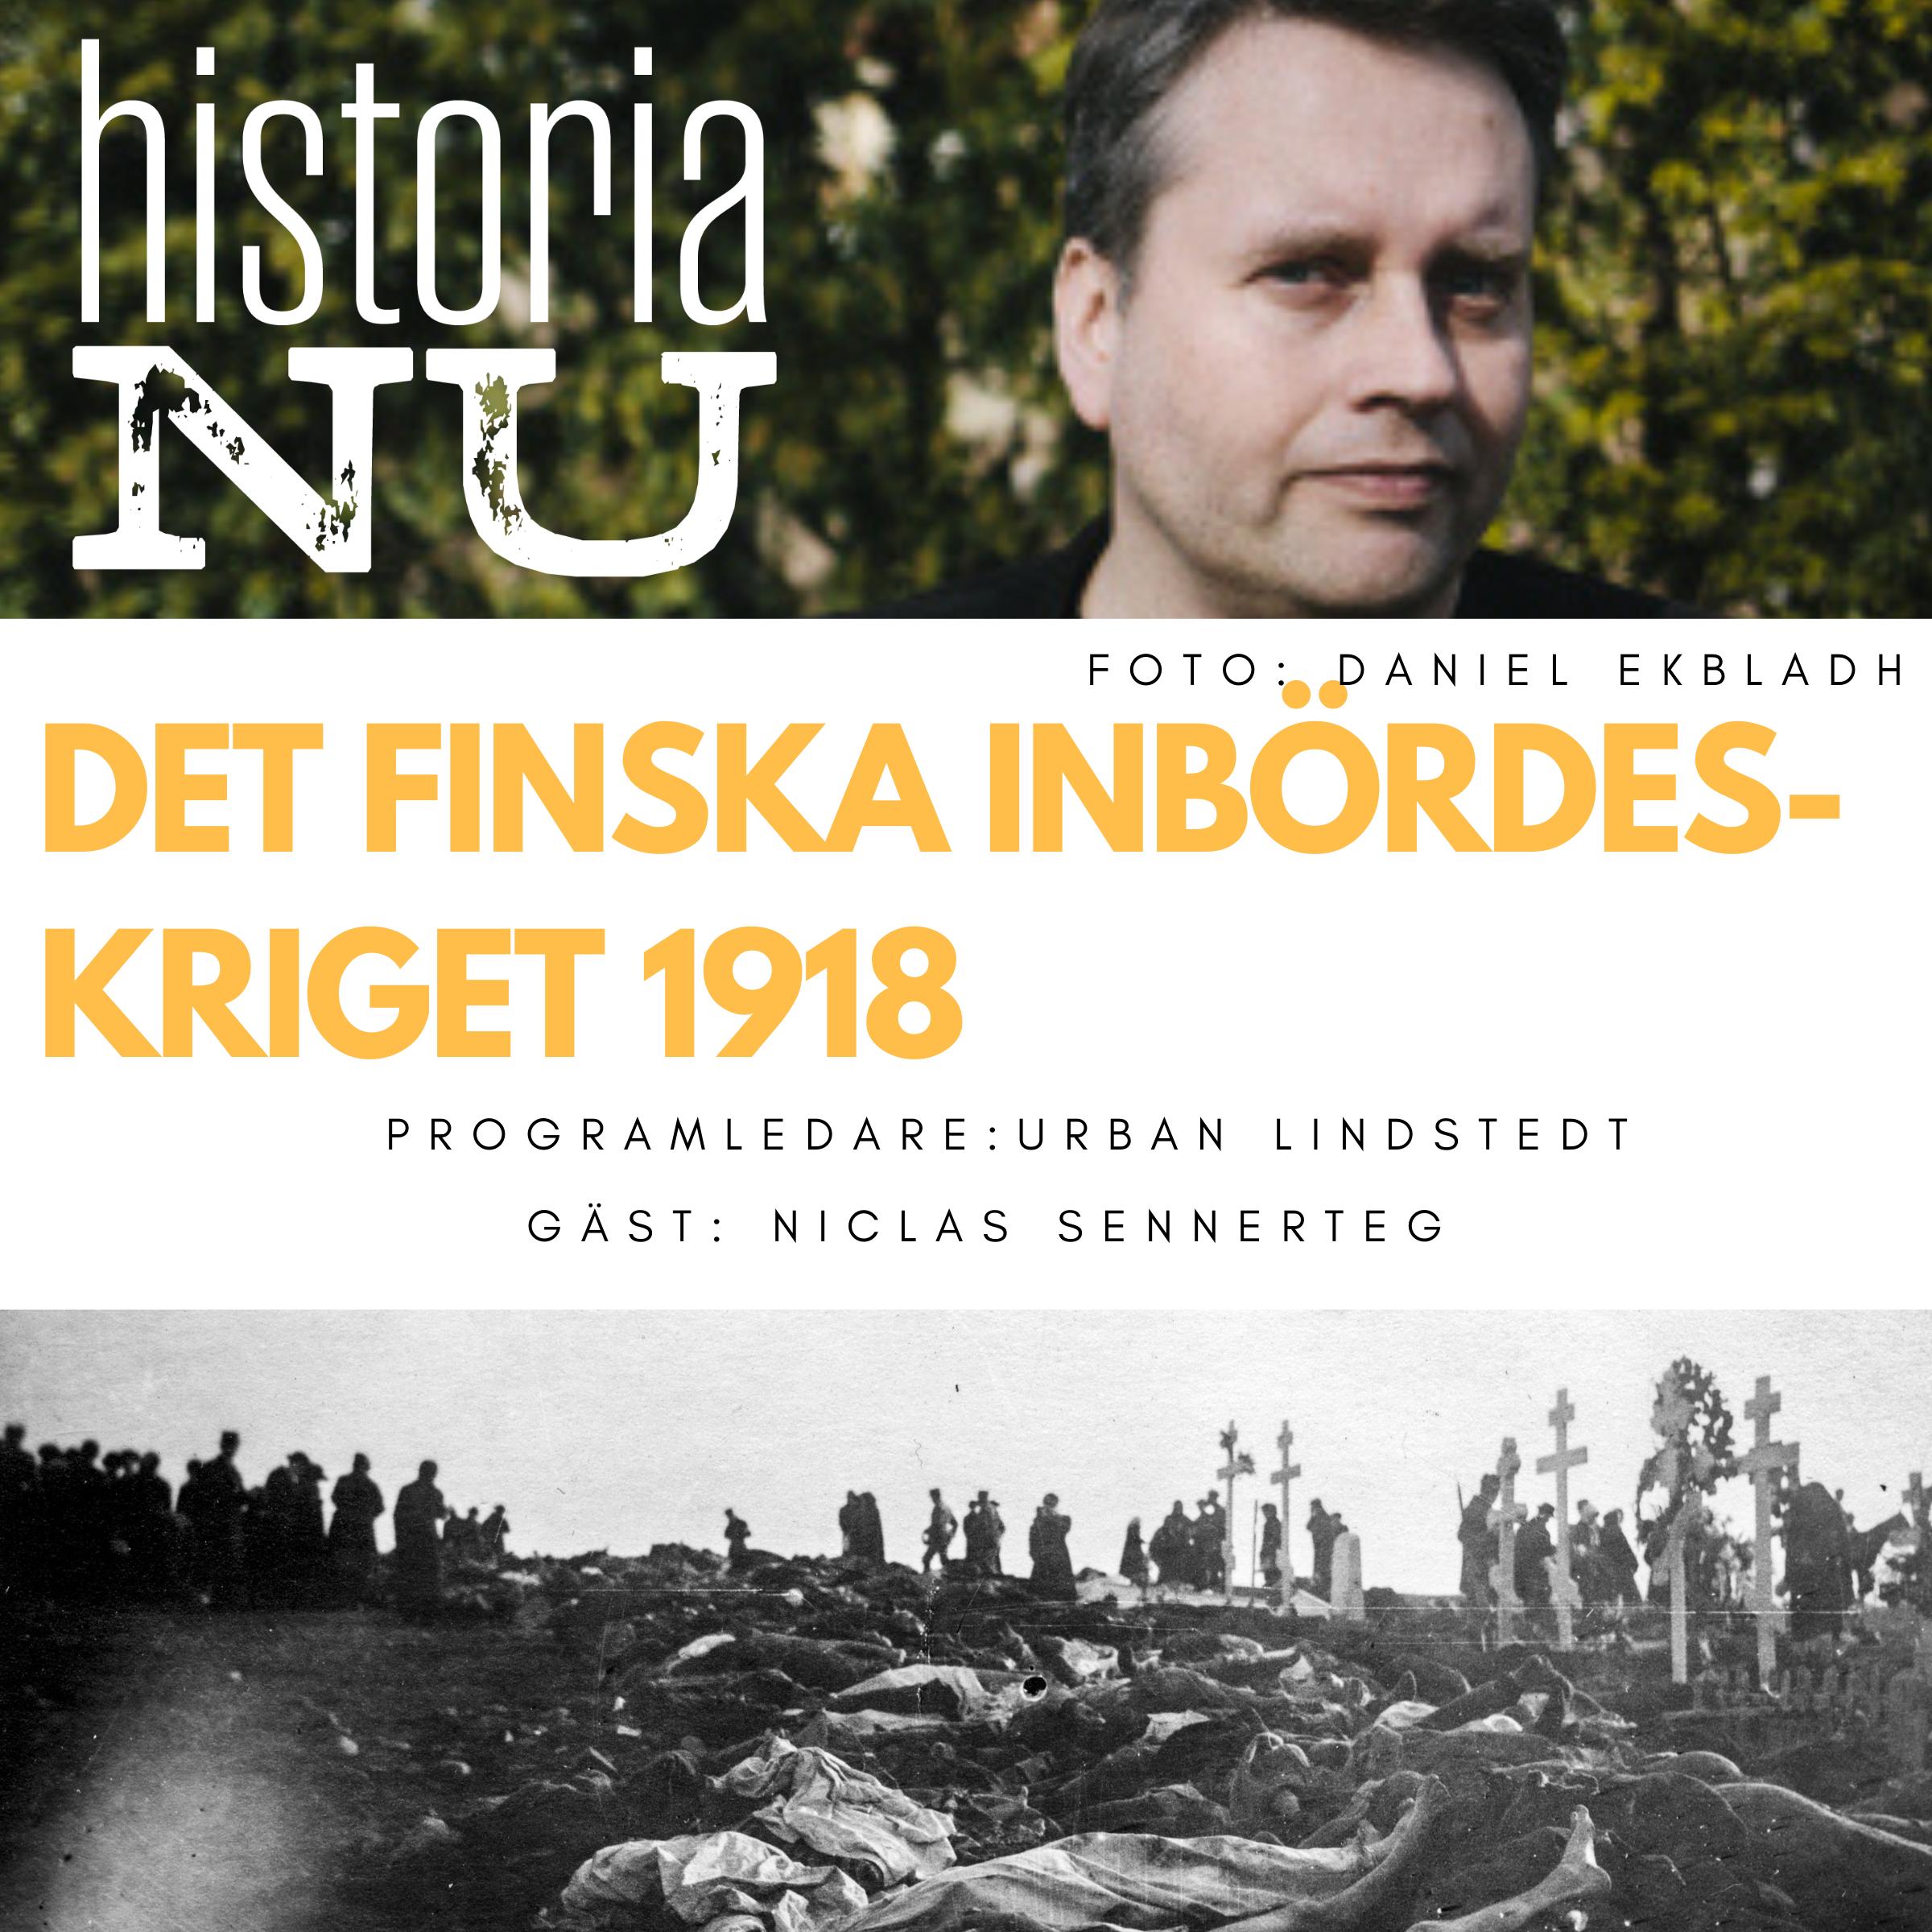 Under finska inbördeskriget togs inga fångar (nymixad repris)